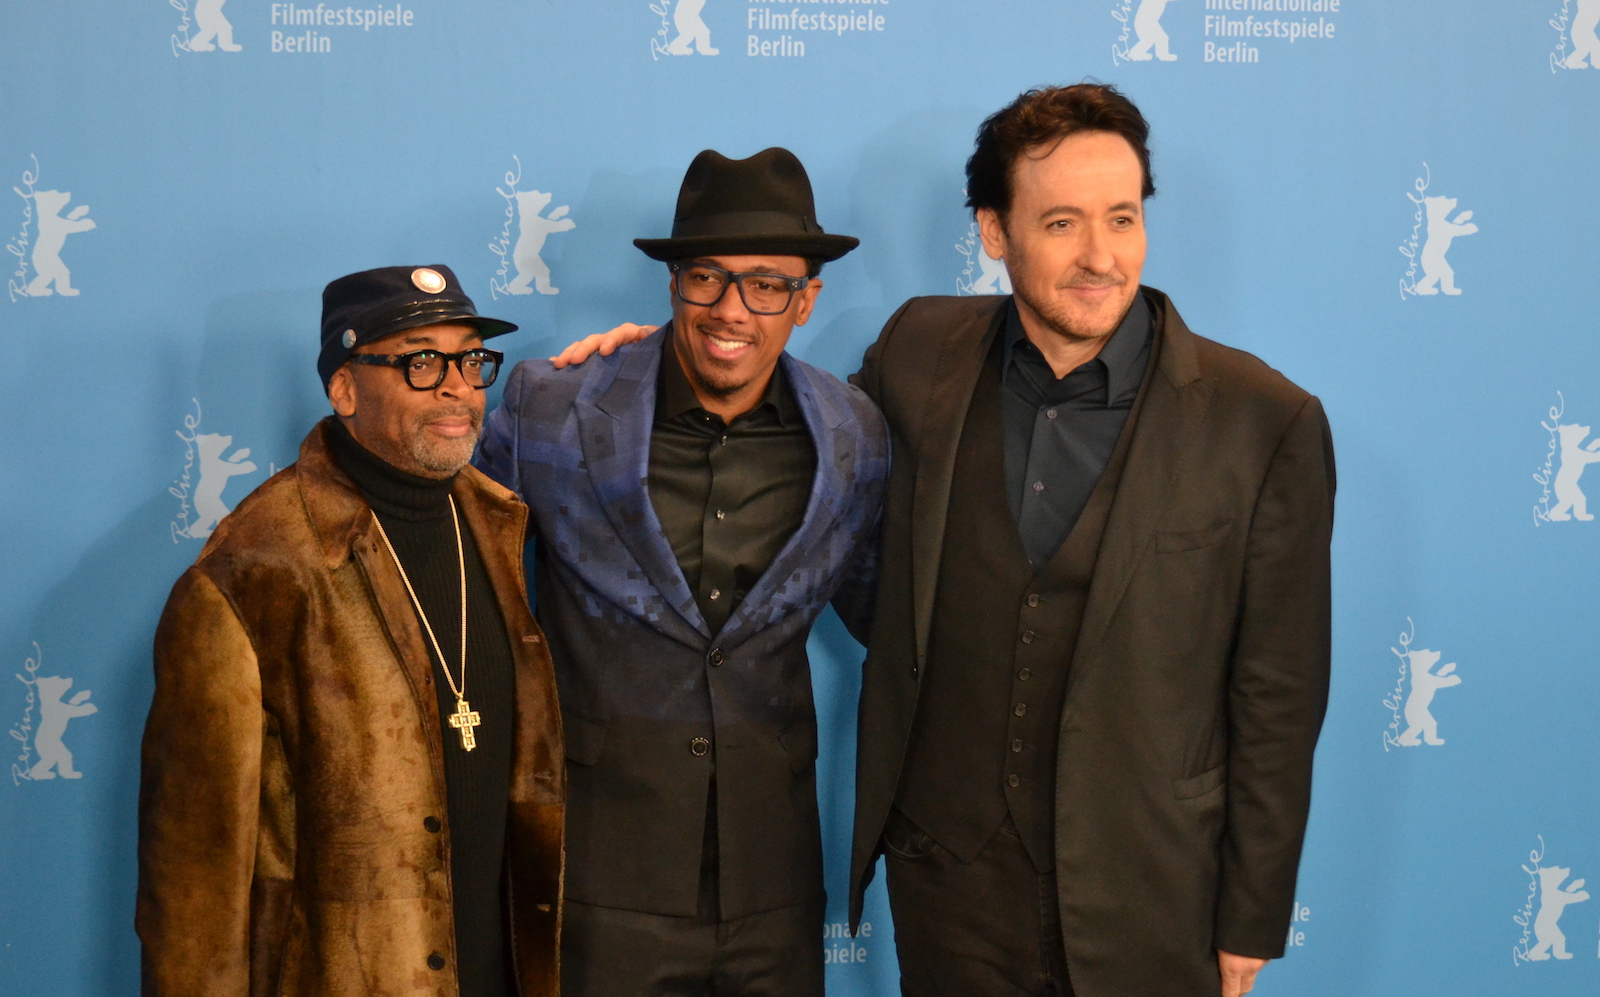 Berlino 2016: Spike Lee, John Cusack, Nick Cannon durante il photocall di Chi-Raq